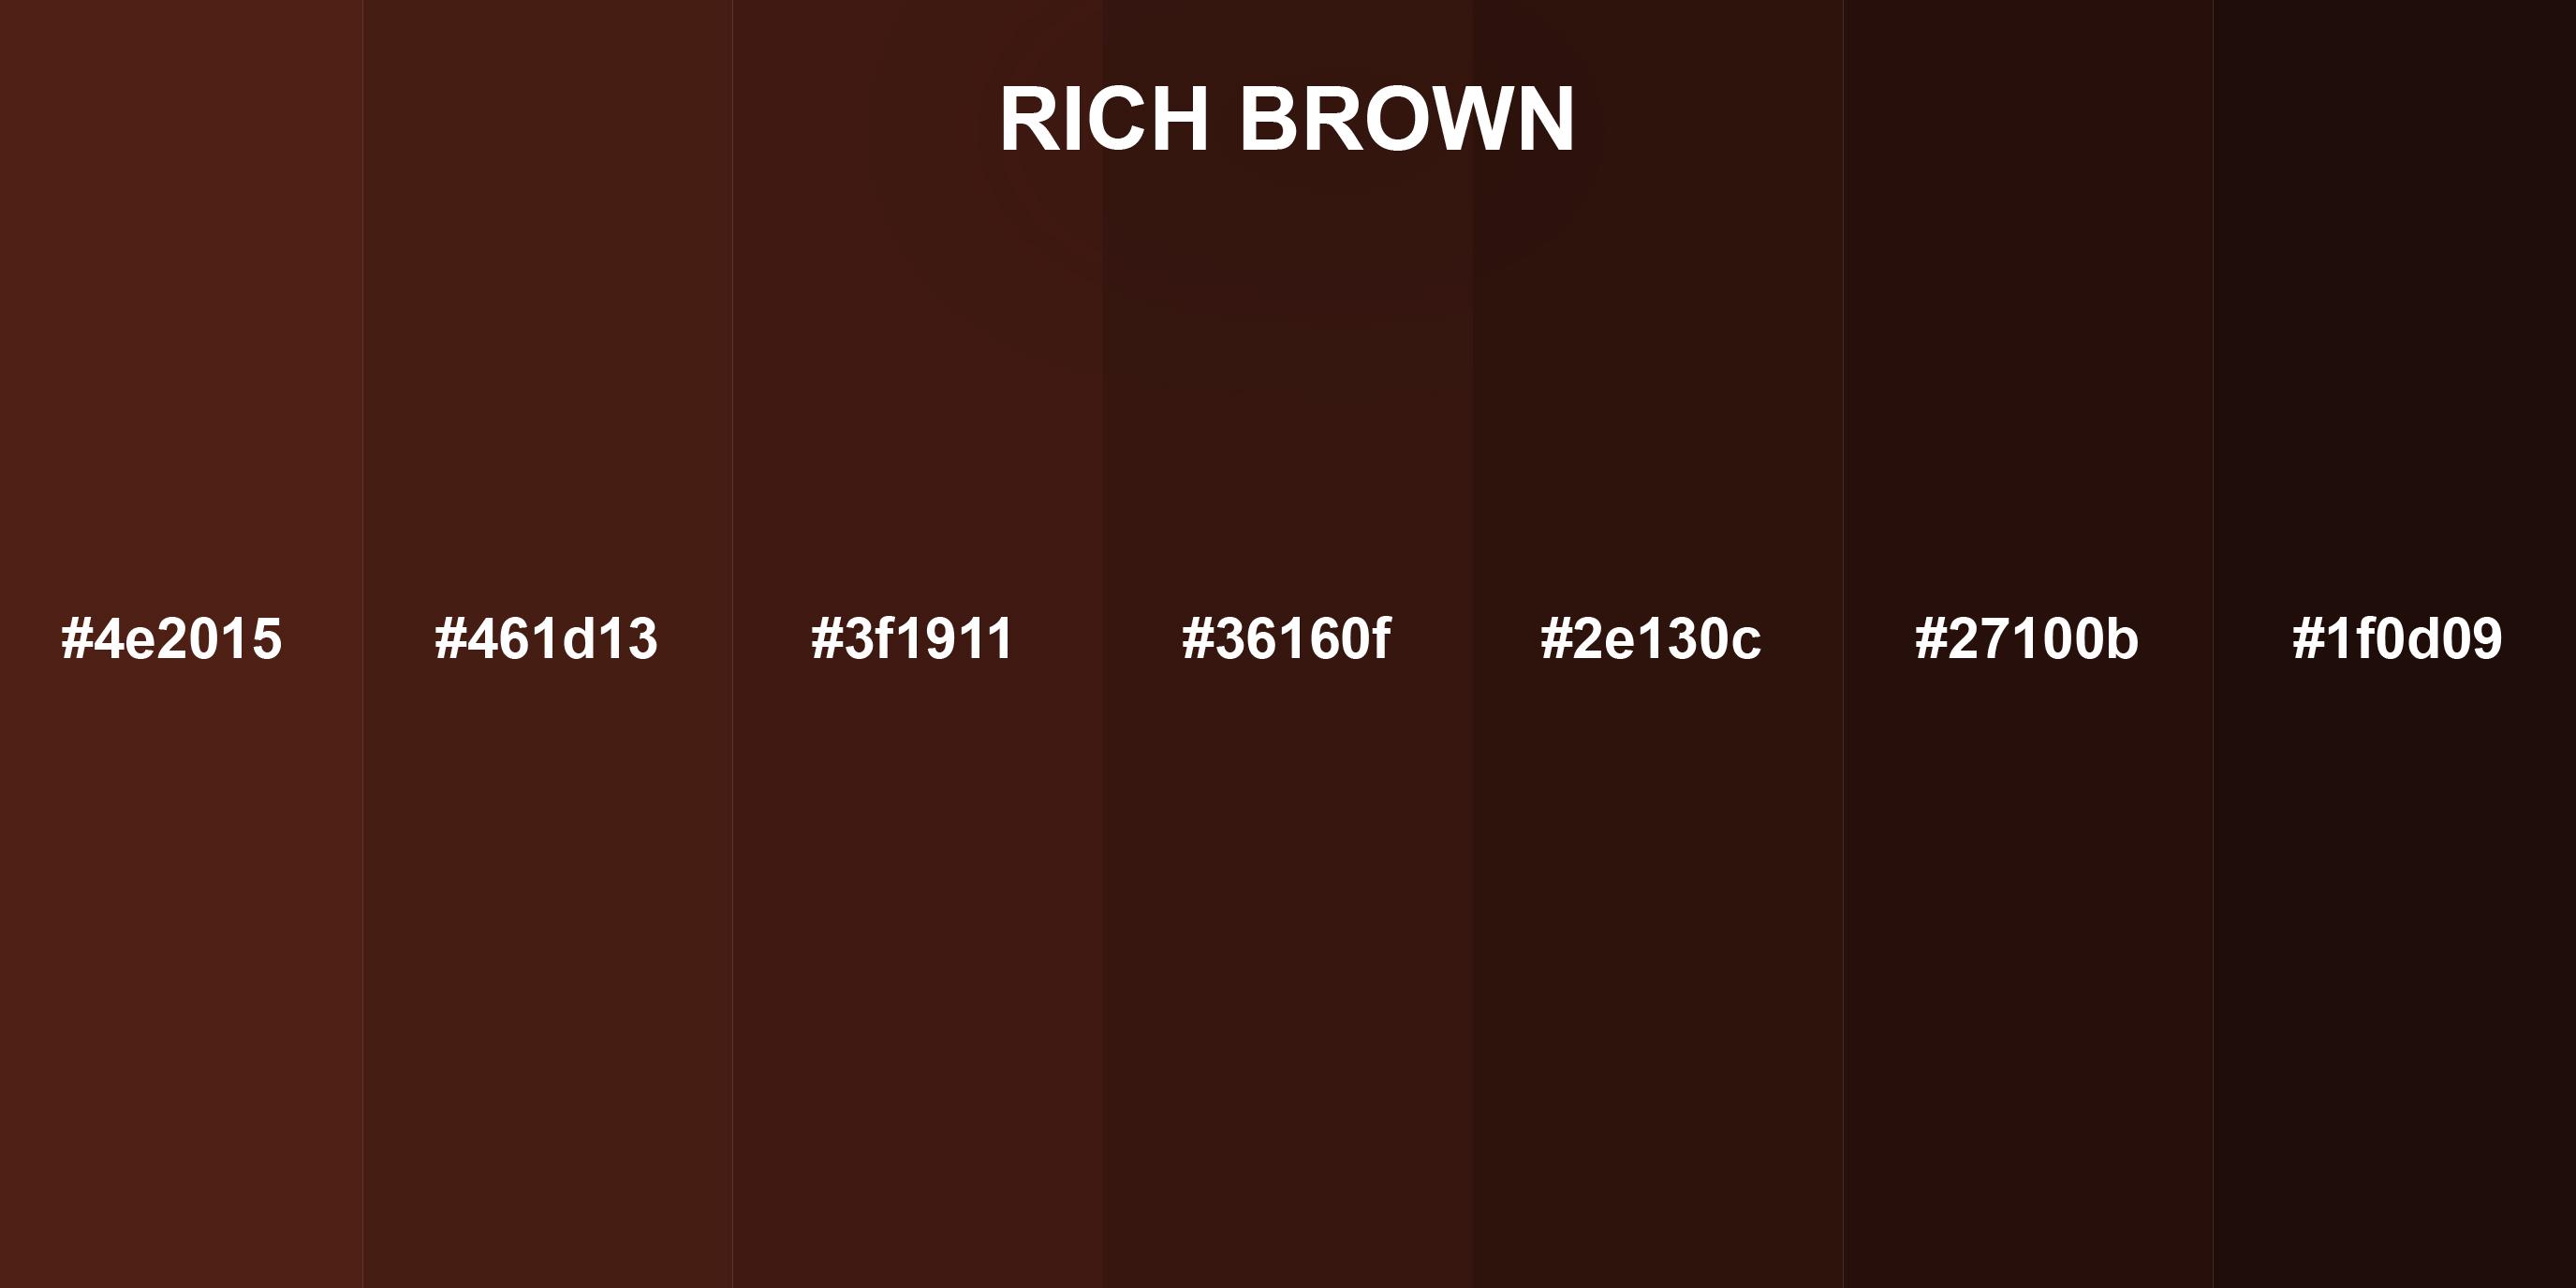 Rich Brown